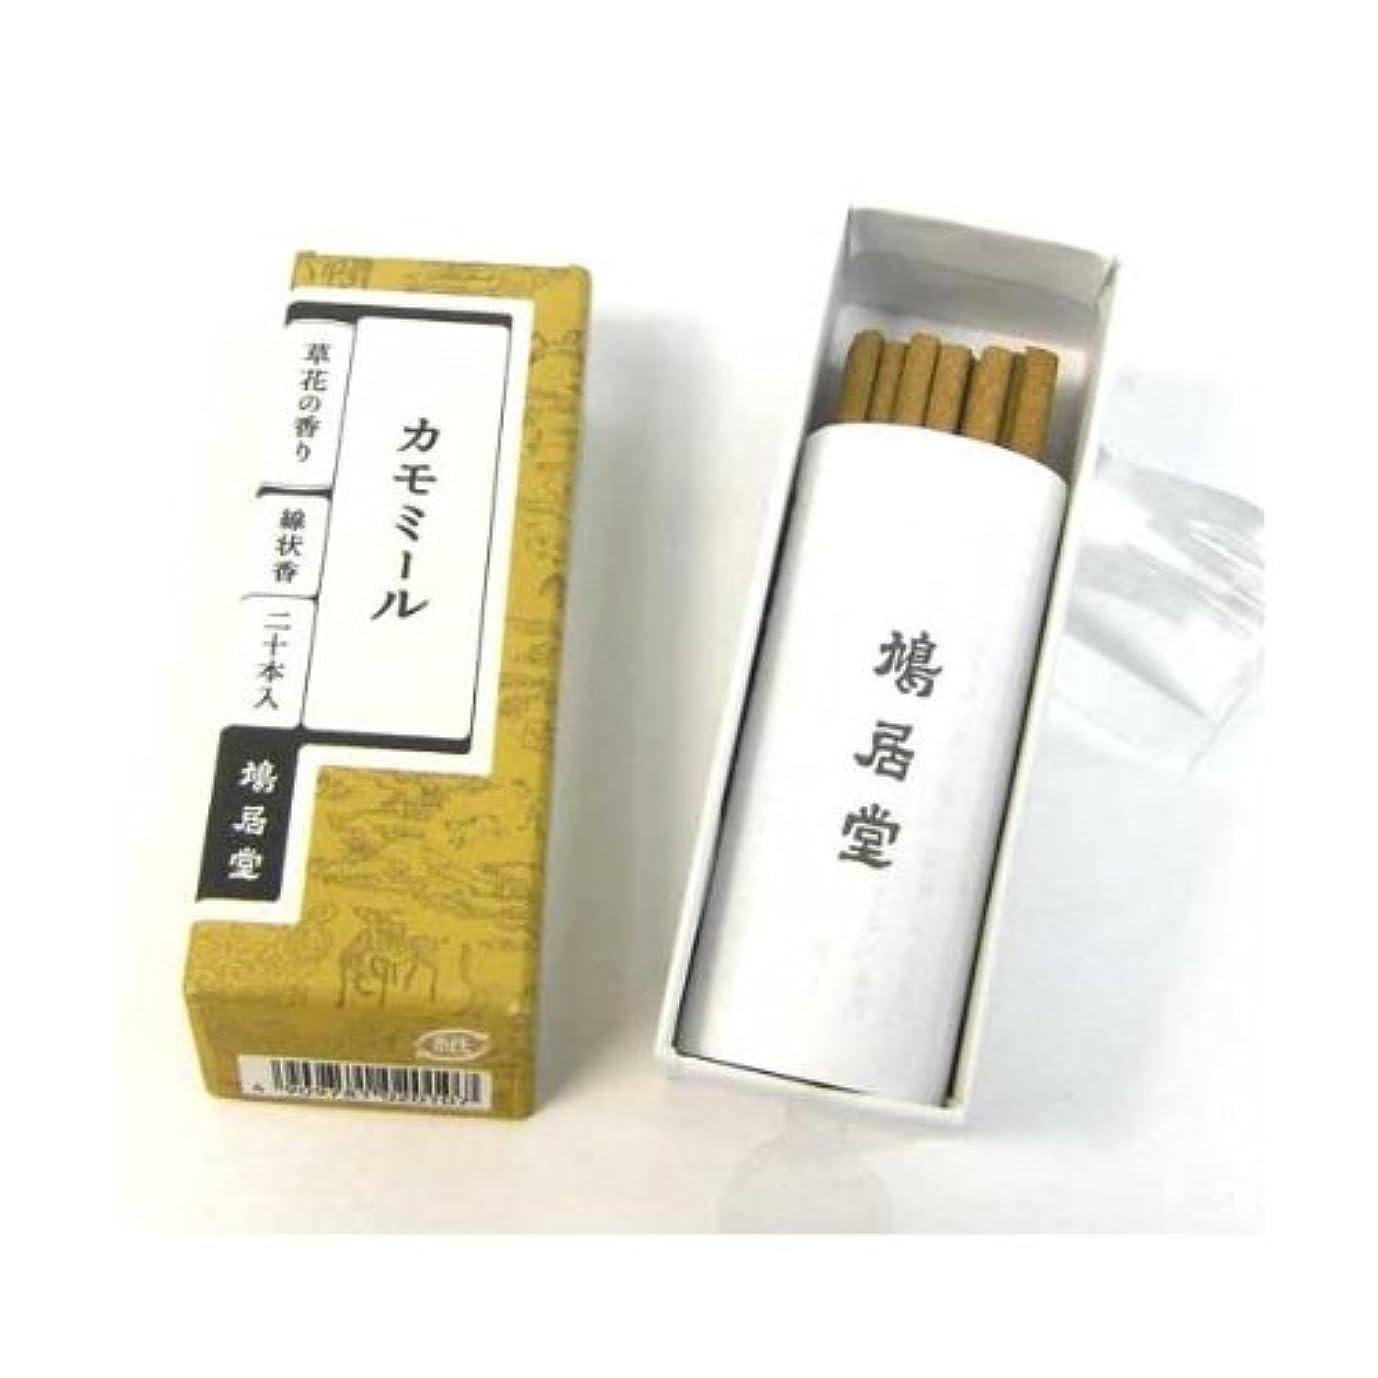 クリアきらめく傾向があります鳩居堂 お香 カモミール 草花の香りシリーズ スティックタイプ(棒状香)20本いり